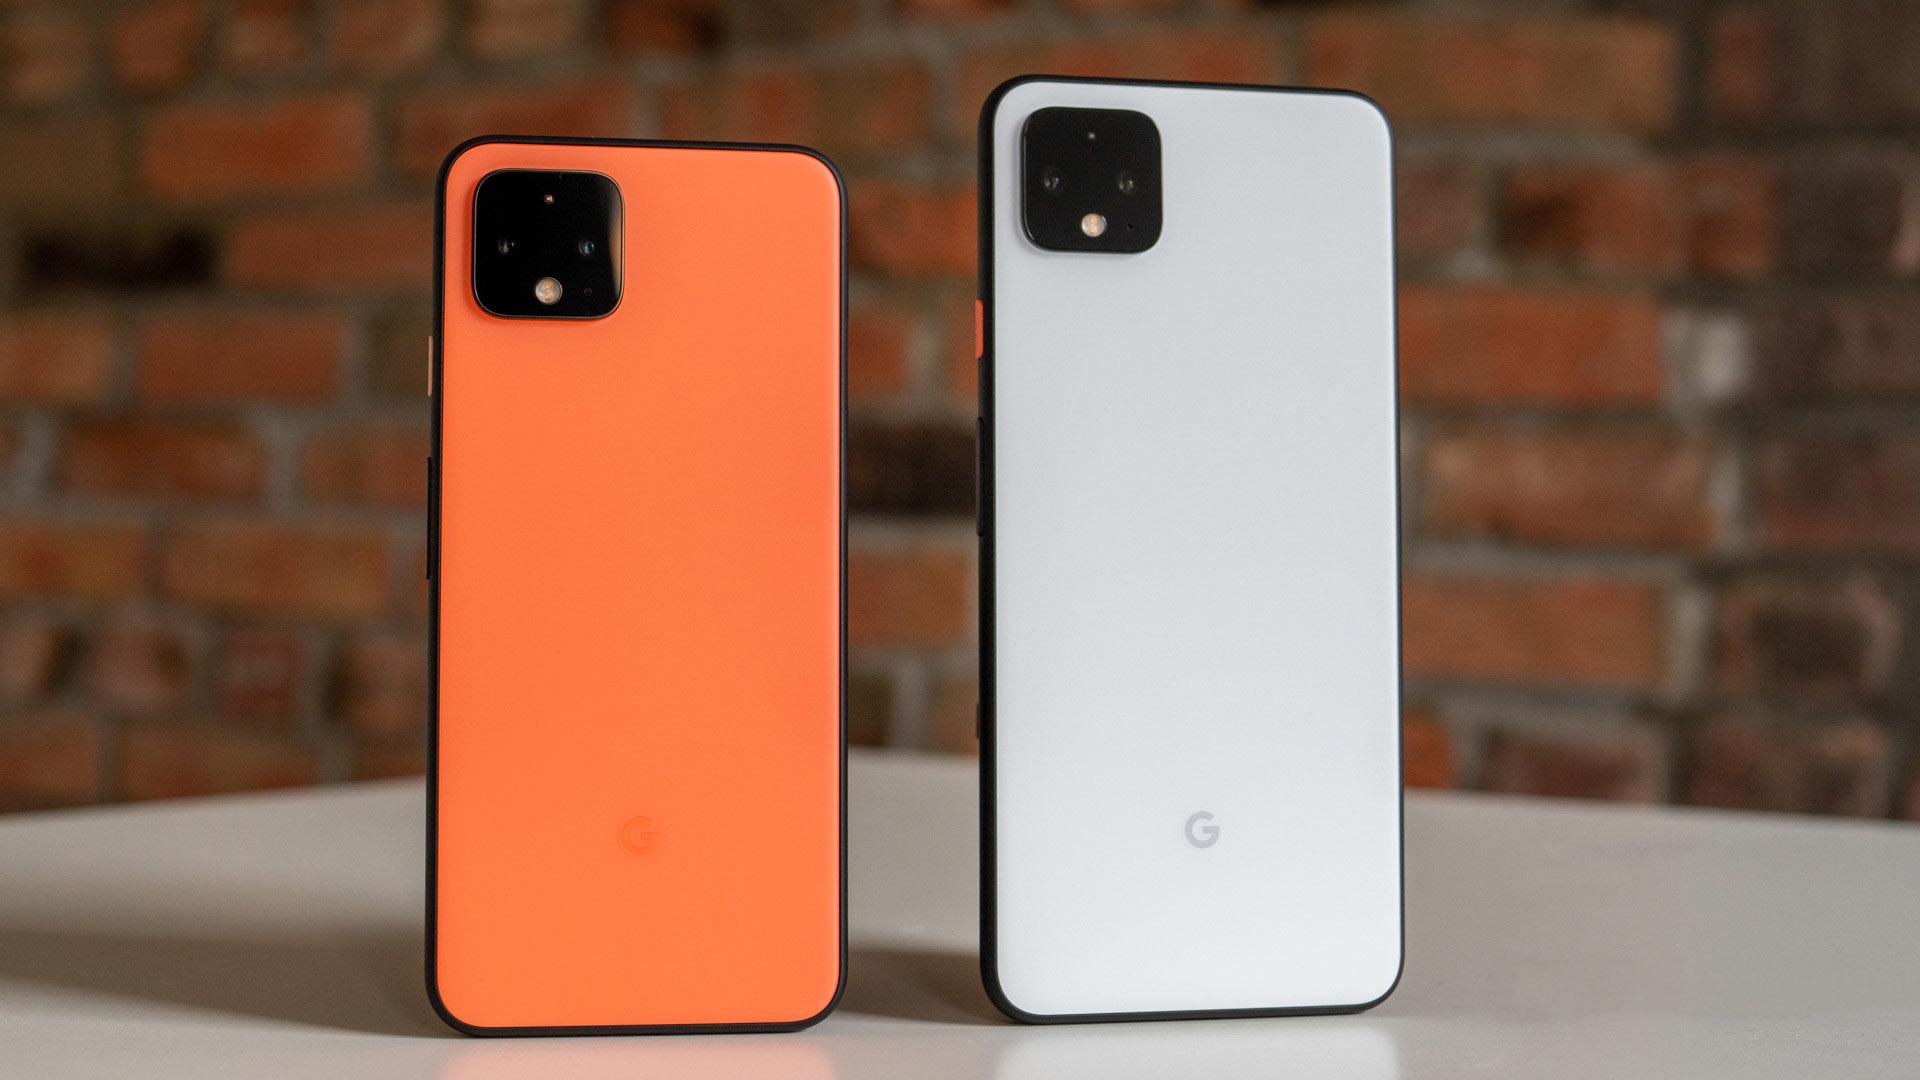 Google Pixel 4a, đối thủ của Apple iPhone 9 giá rẻ bất ngờ lộ diện - Ảnh 6.